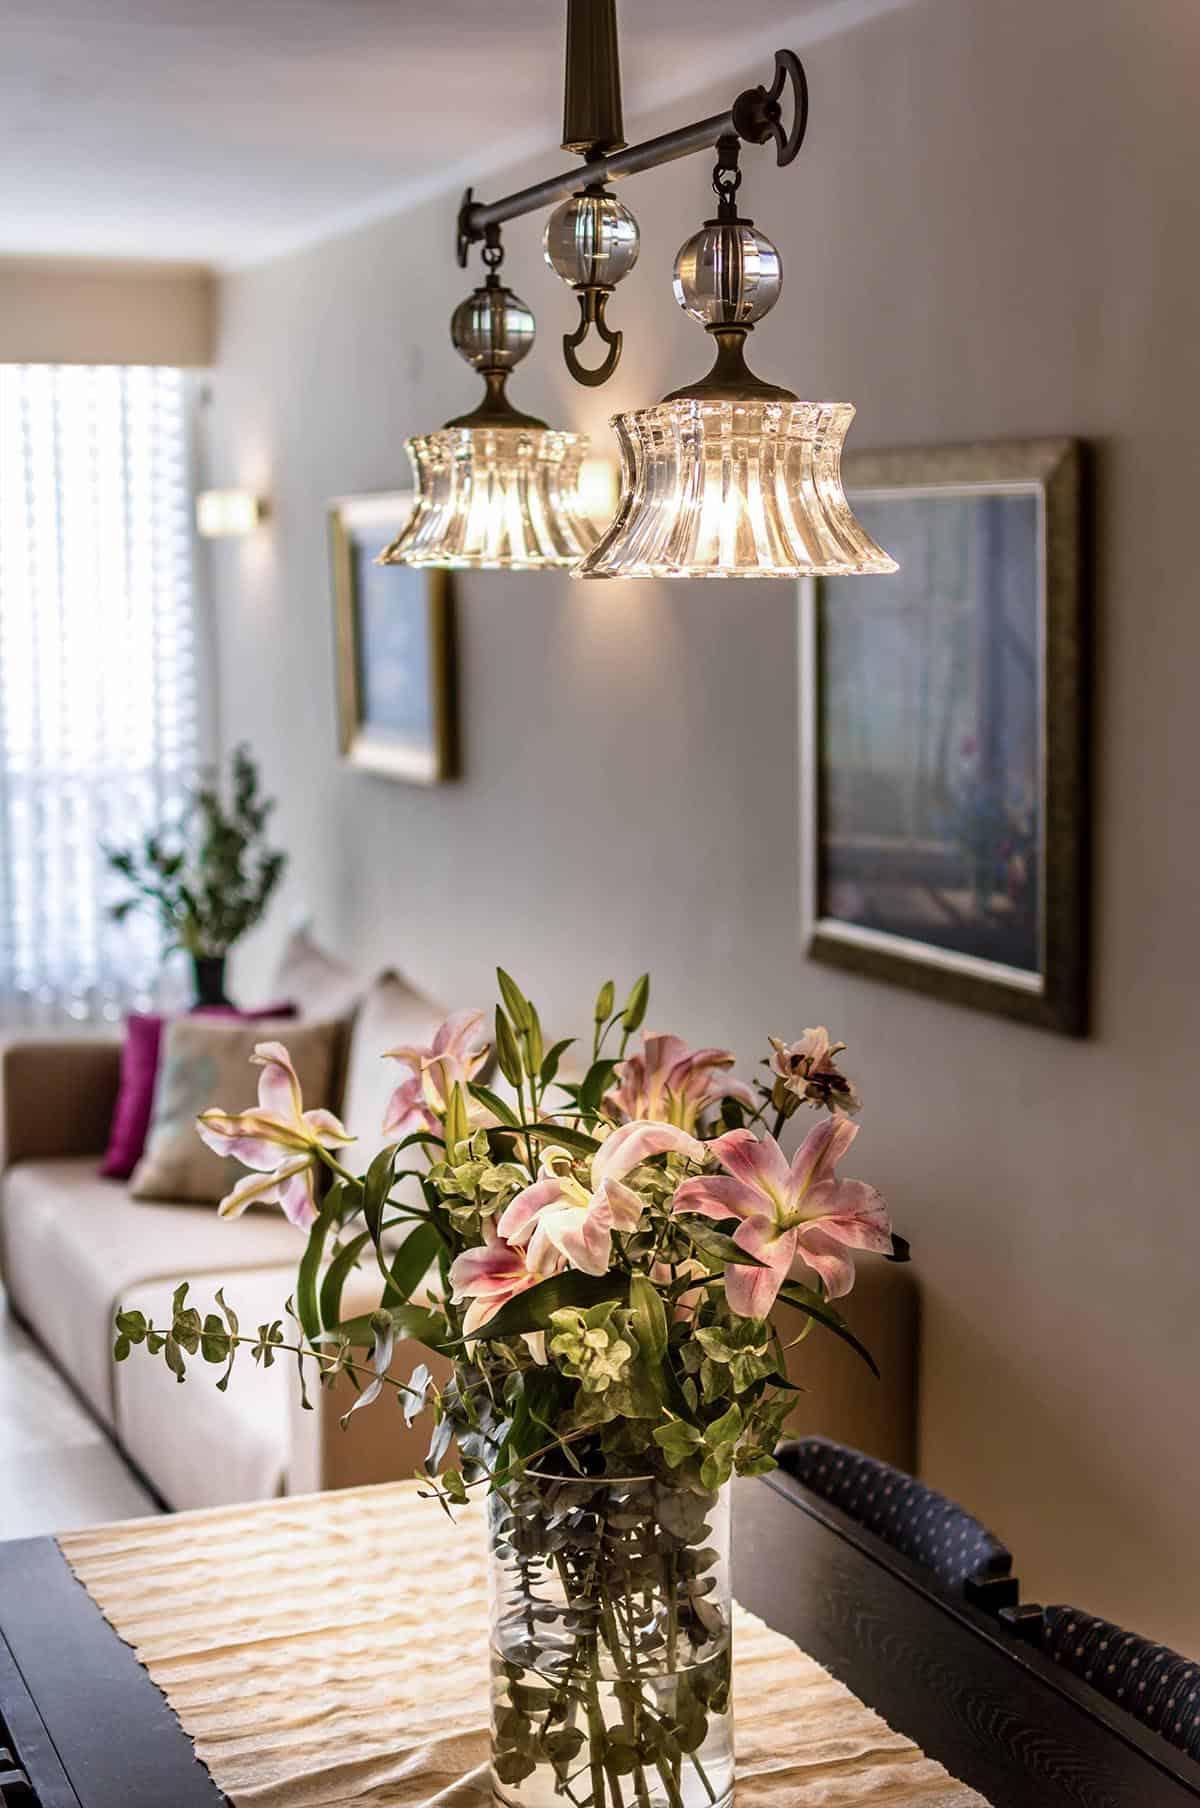 נברשת קריסטל מודרנית ואגרטל פרחים ססגוני על שולחן פינת אוכל בדירה ברעננה - שירית דרמן מעצבת פנים ויועצת תאורה